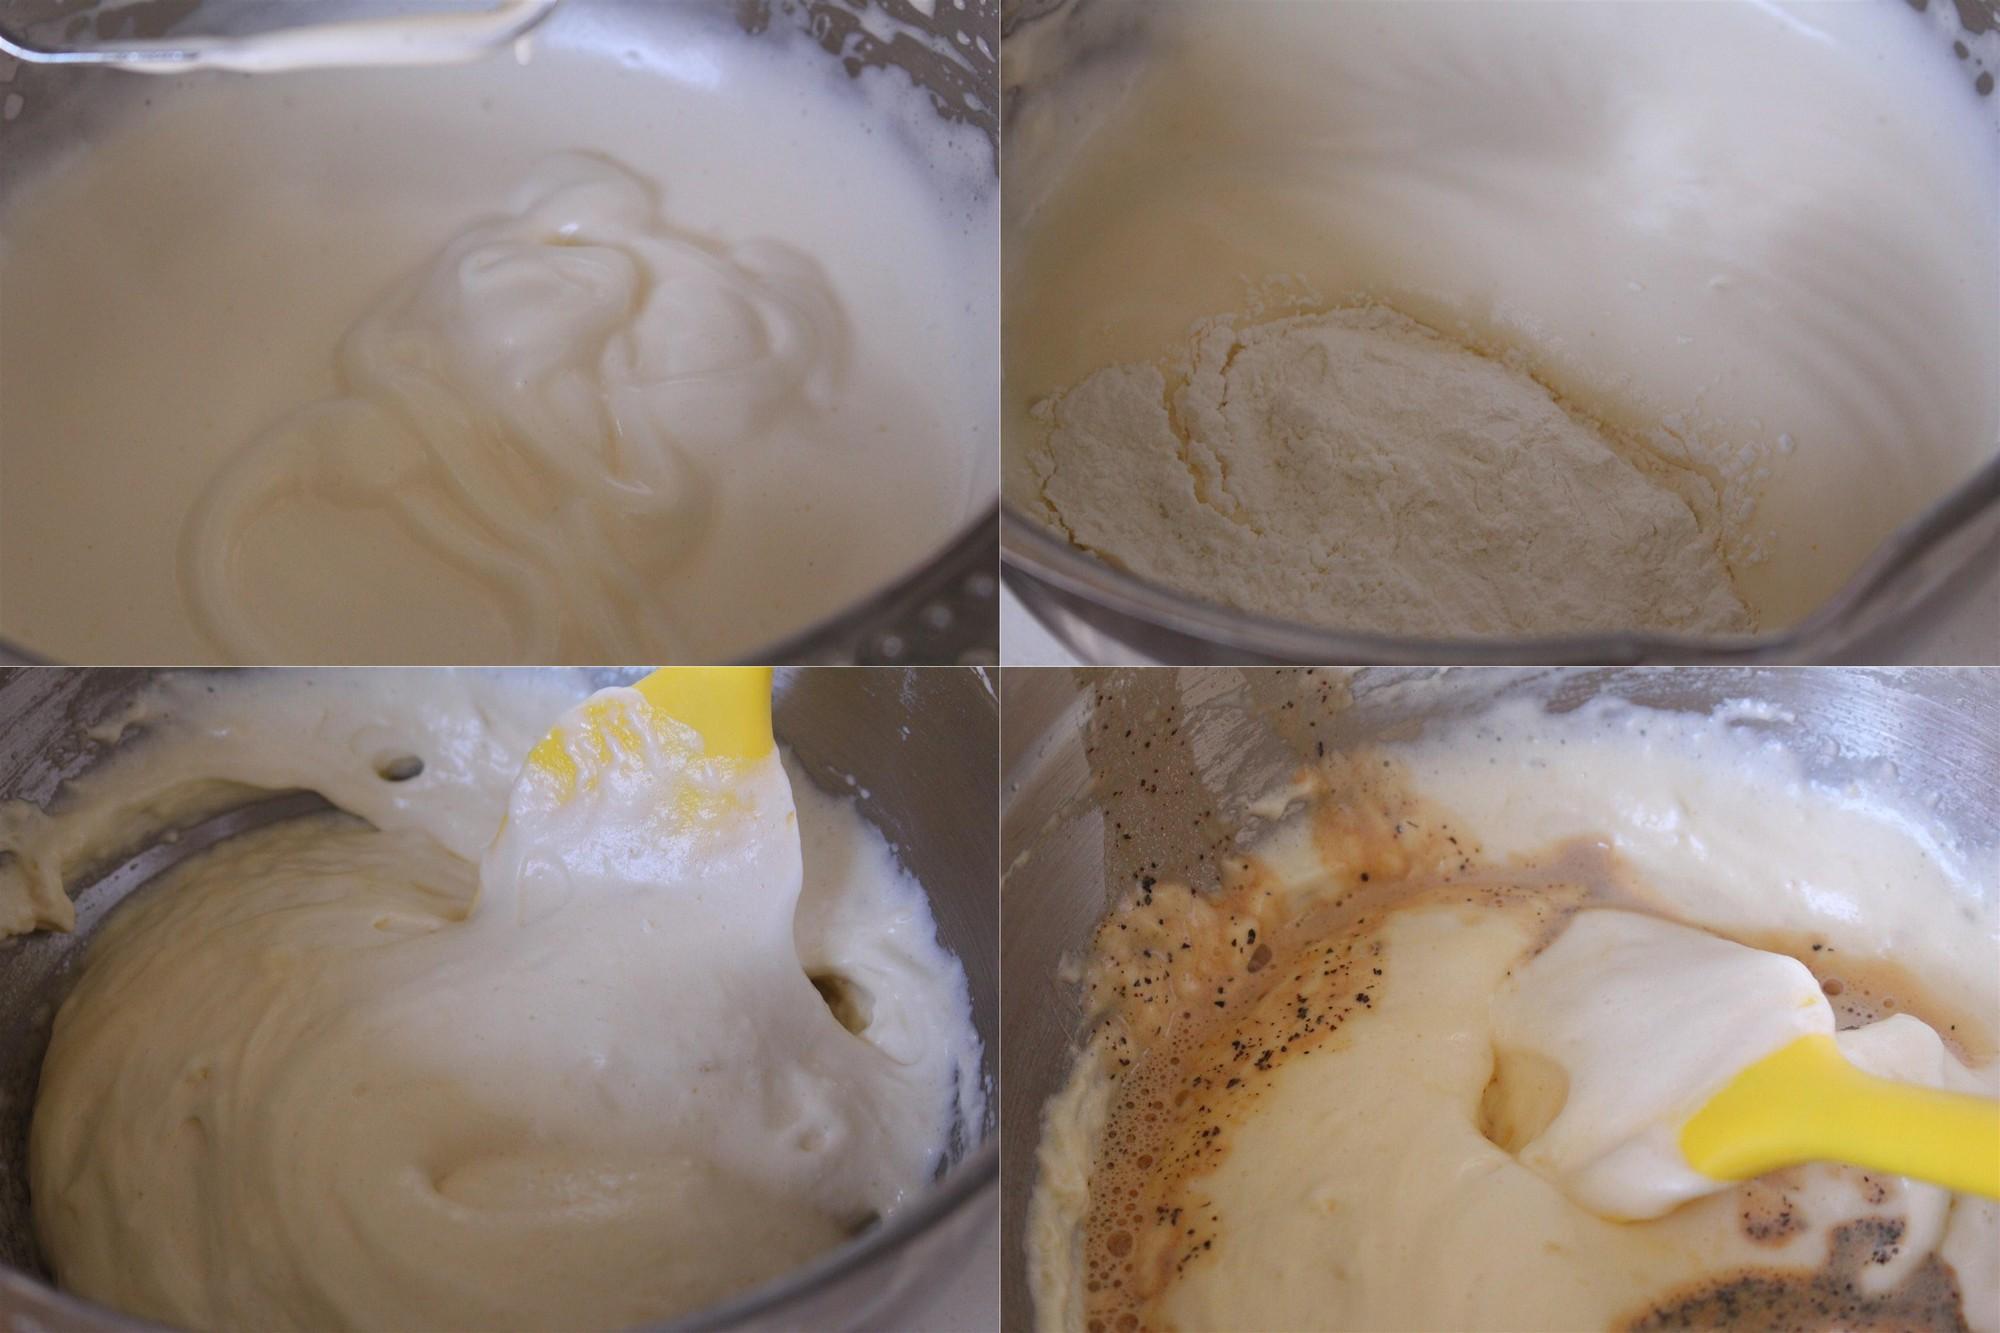 Bất cứ ai thích uống trà sữa hẳn sẽ mê mẩn ngay với món cupcake trà sữa mềm ngon thơm phức này - 2